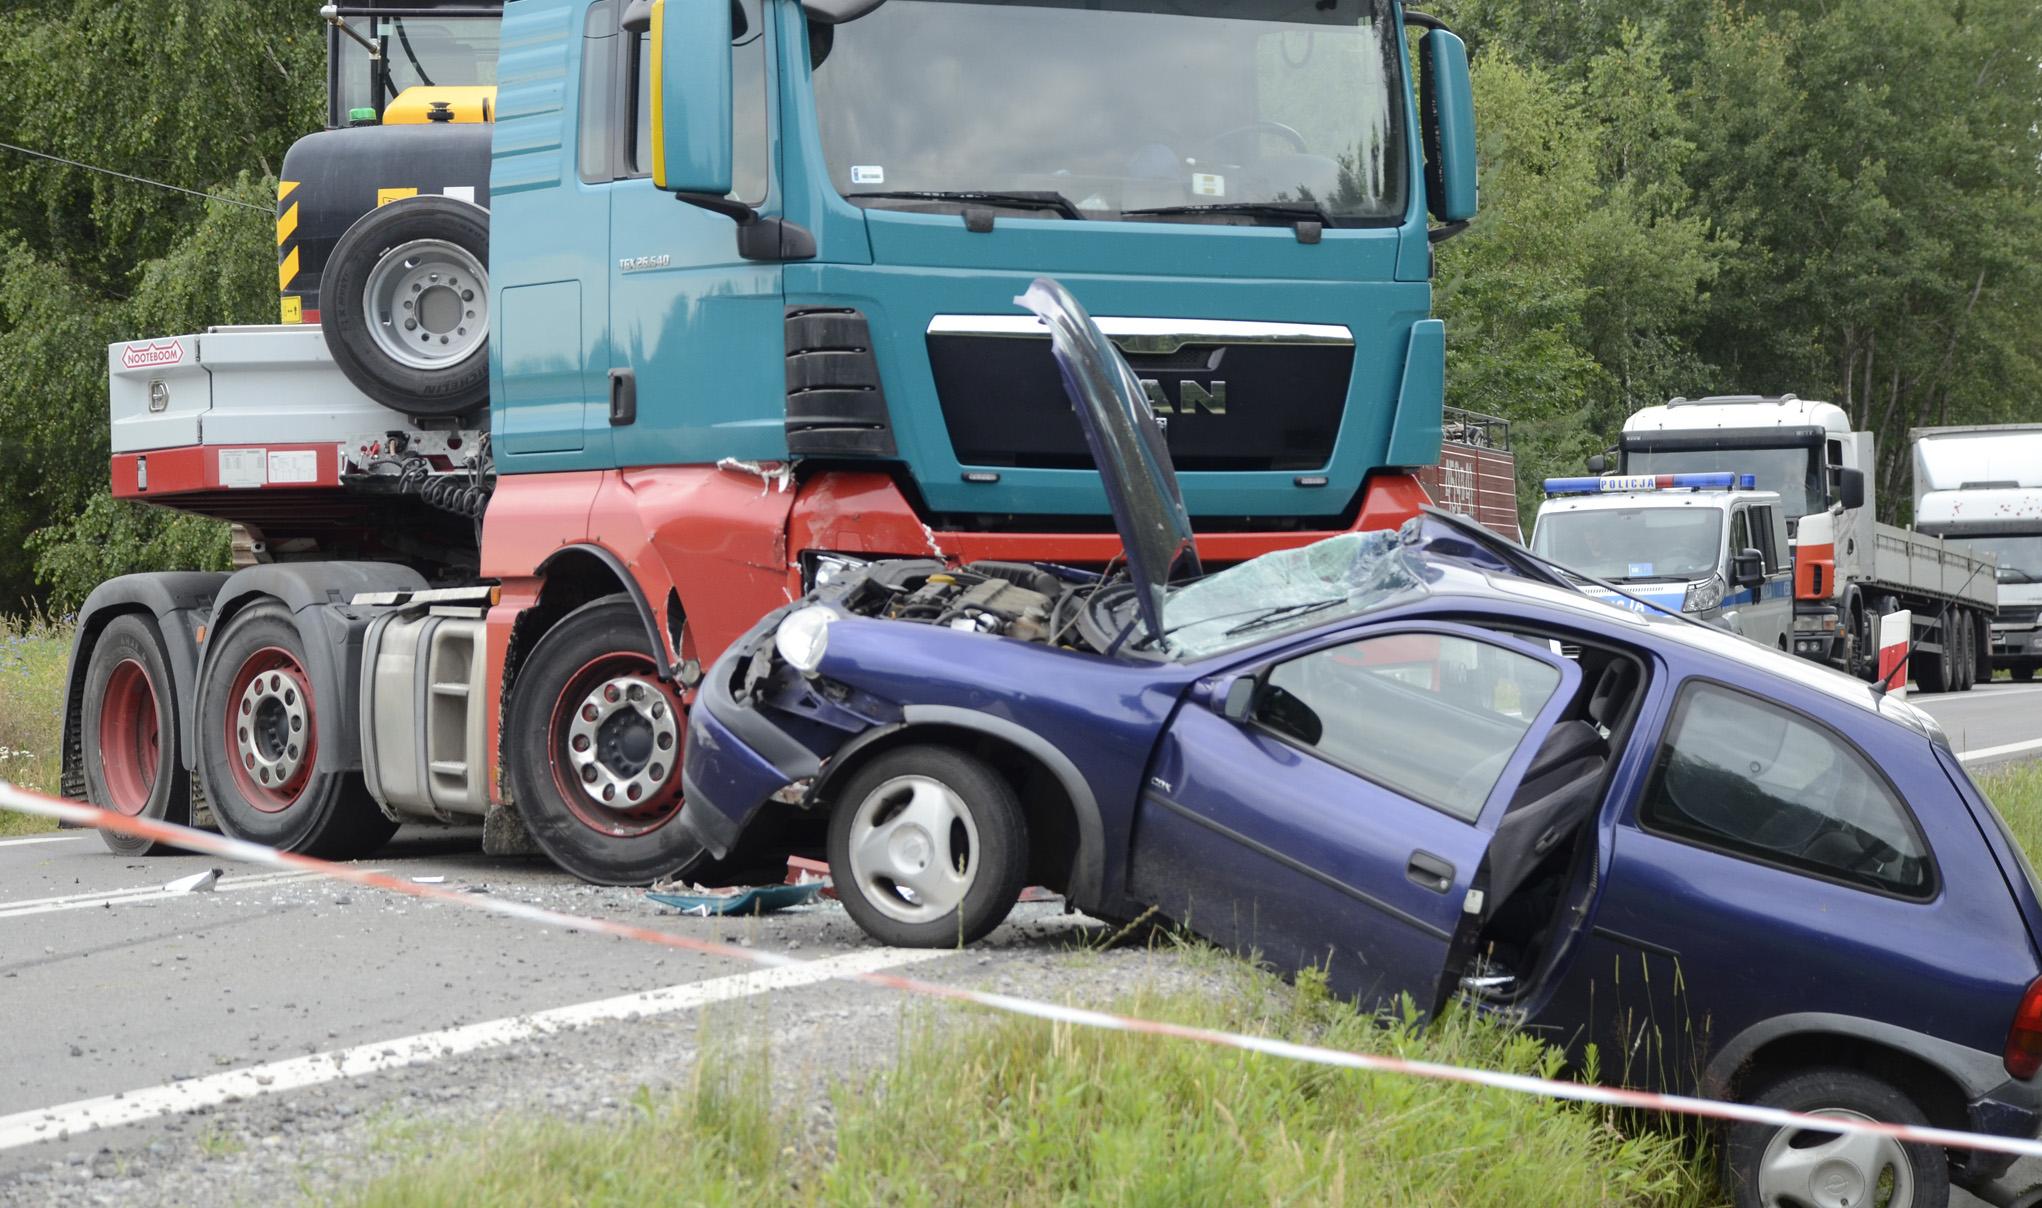 Wypadek w Dzikowcu na drodze wojewódzkiej. Droga zablokowana! [FOTO] [MAPA] [VIDEO] - Zdjęcie główne